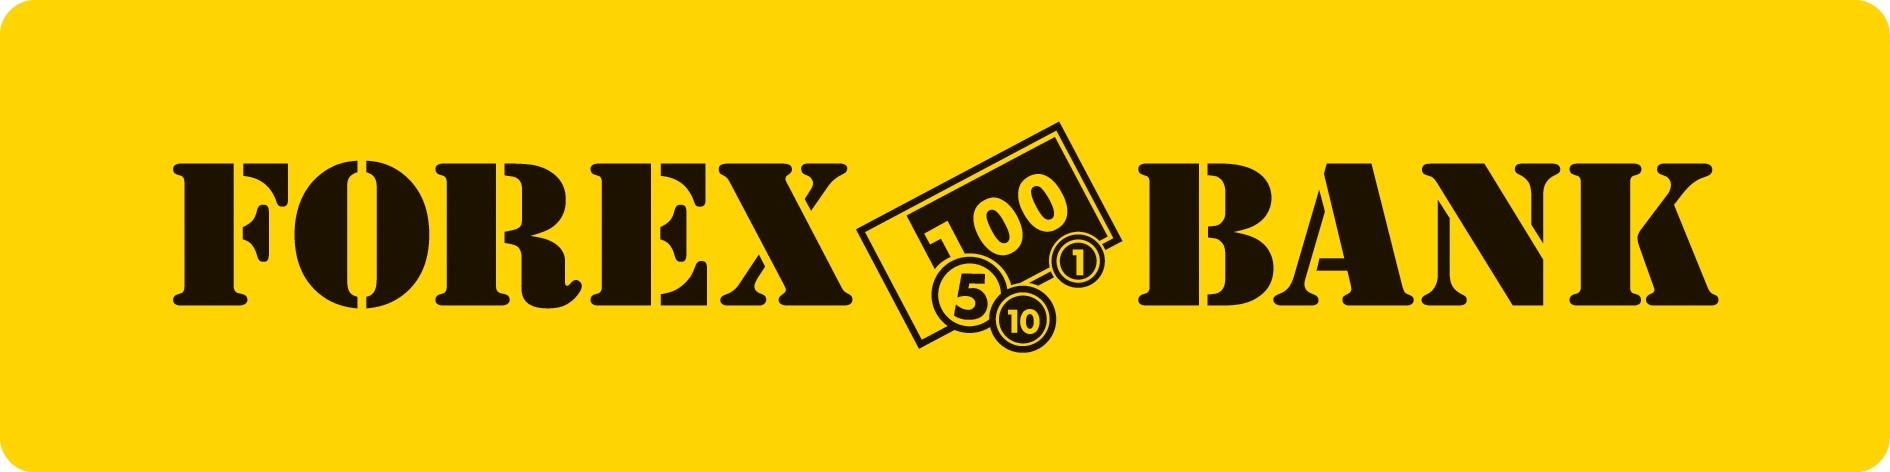 Forex butikker danmark